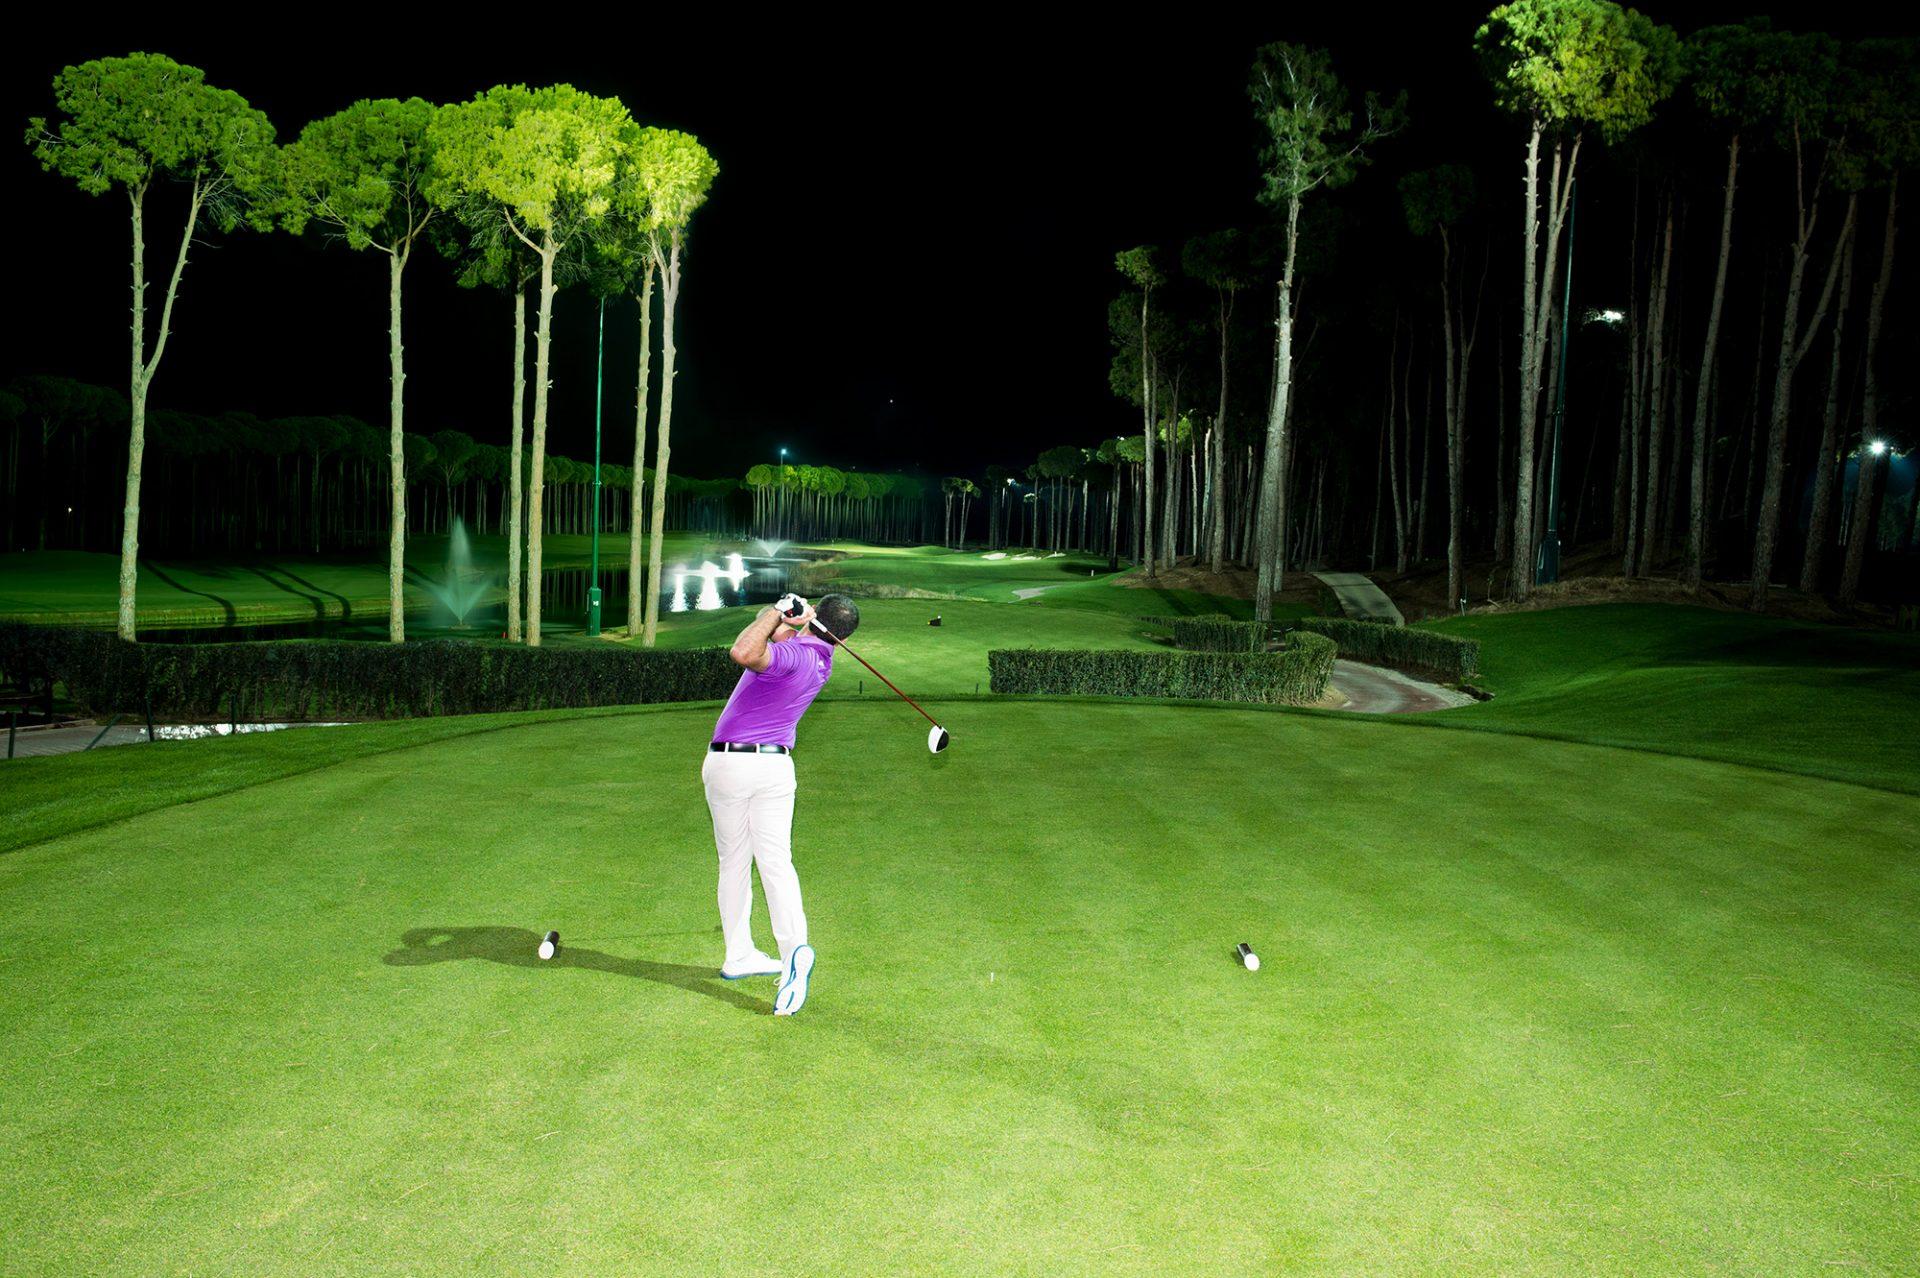 Golfreisen Belek - Regnum Carya Golf & Spa Resort. Das neue Luxus-Resort ist für kleine und große Gäste und für Golfer die erste Wahl in Belek. 2014 wurde das Regnum Carya eröffnet, mit Haupthaus und der Caya-Golf-Residence, Villen mit eigenem Pool und direkt am Green gelegen. Beeindruckend ist die große, elegante Atrium-Lobby mit der Lobby Bar. Das Interieur ist sehr stylisch, modern und wird auch hohen Ansprüchen gerecht.